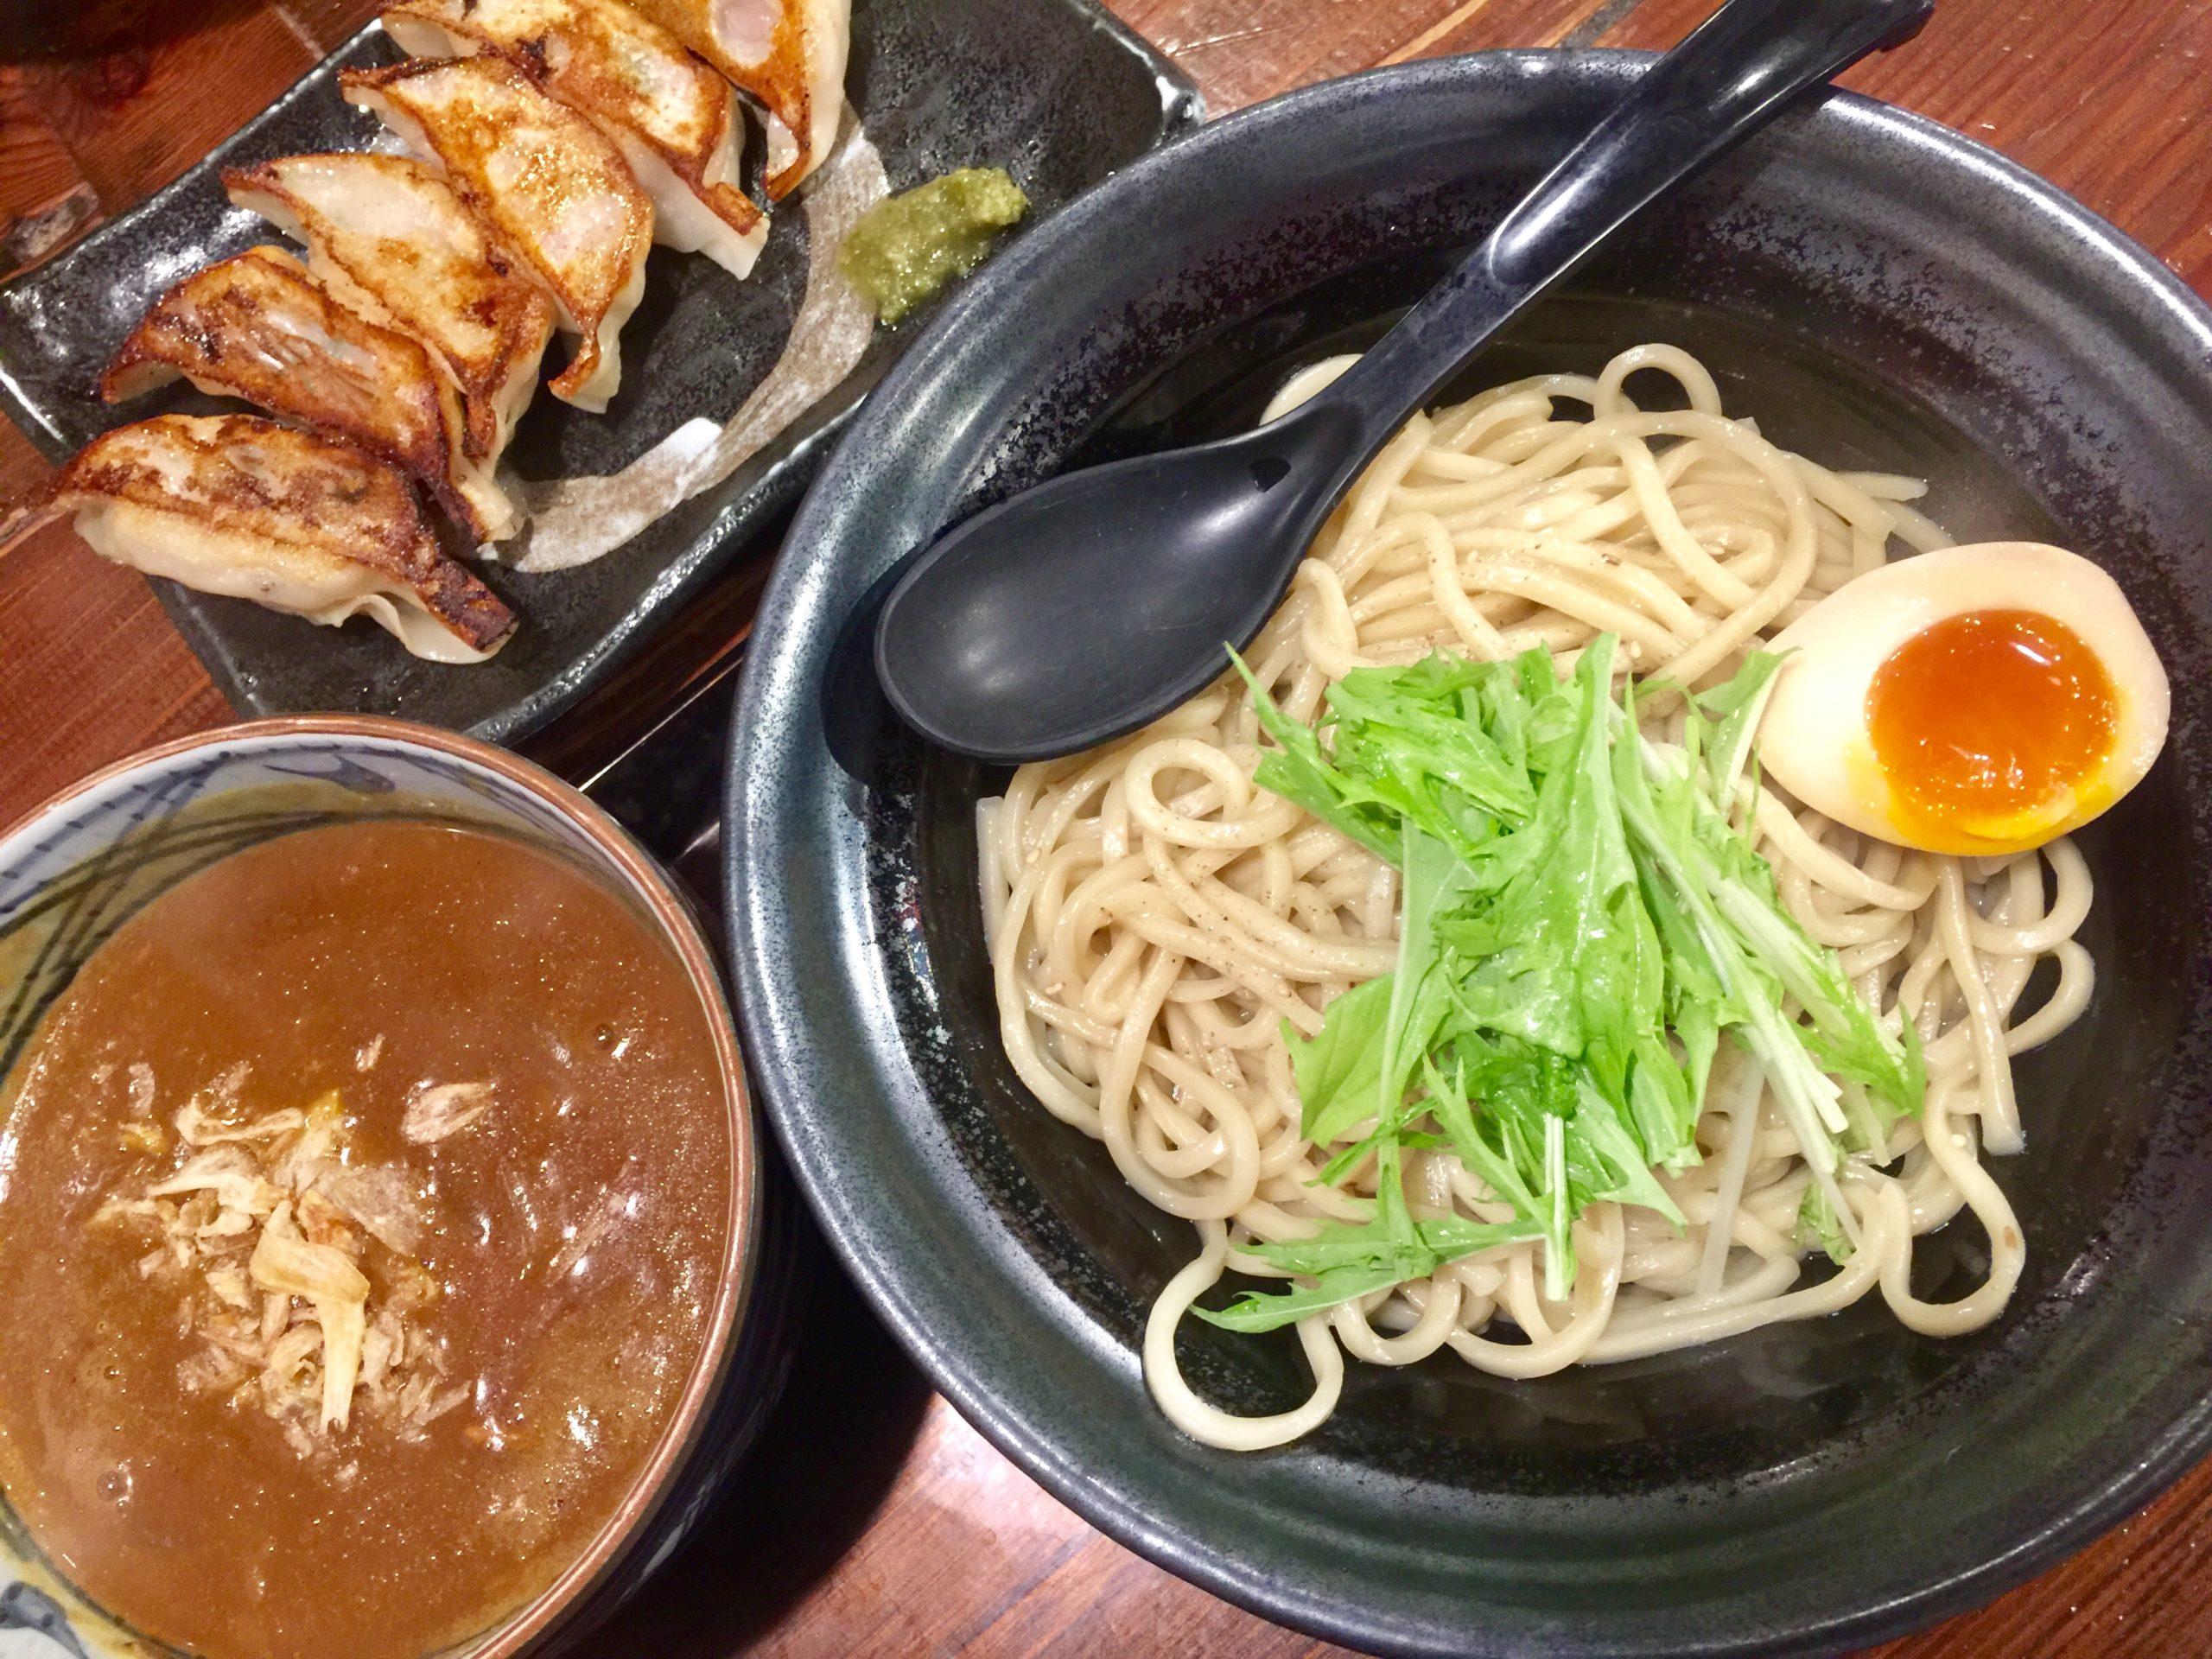 中華麺屋まんまる 加哩つけ麺 770円 + 餃子6個 400円